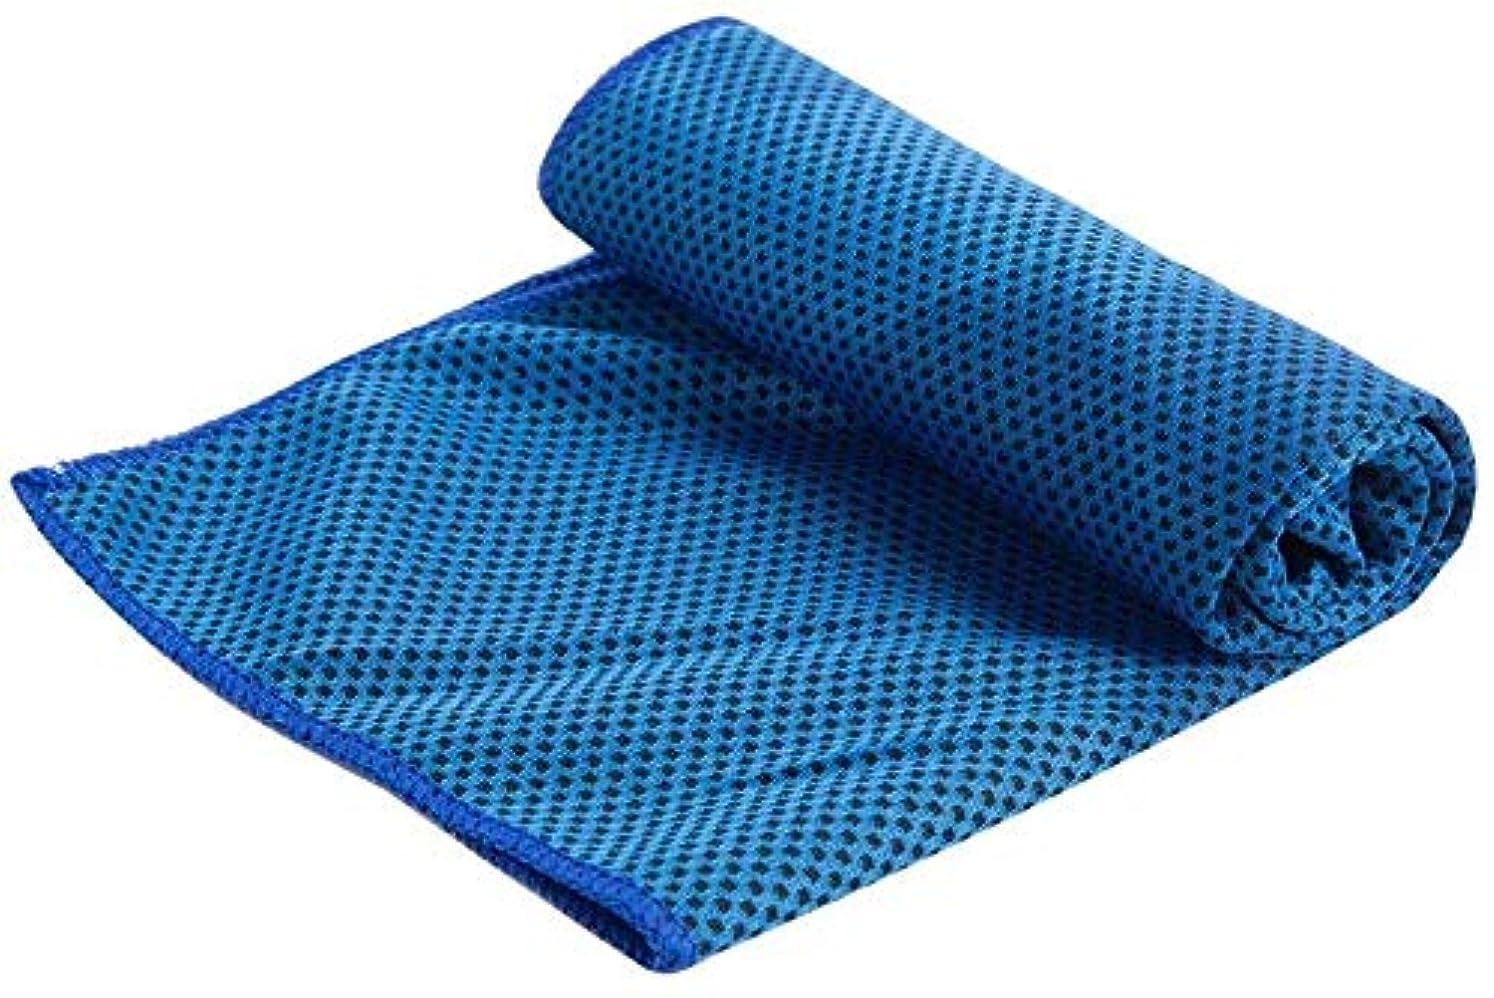 うなり声グラム昇進冷却タオル 熱中症対策 冷感タオル スポーツタオル 冷却タオル 熱中症対策 ゴルフ 野球適 アウトドア スポーツ